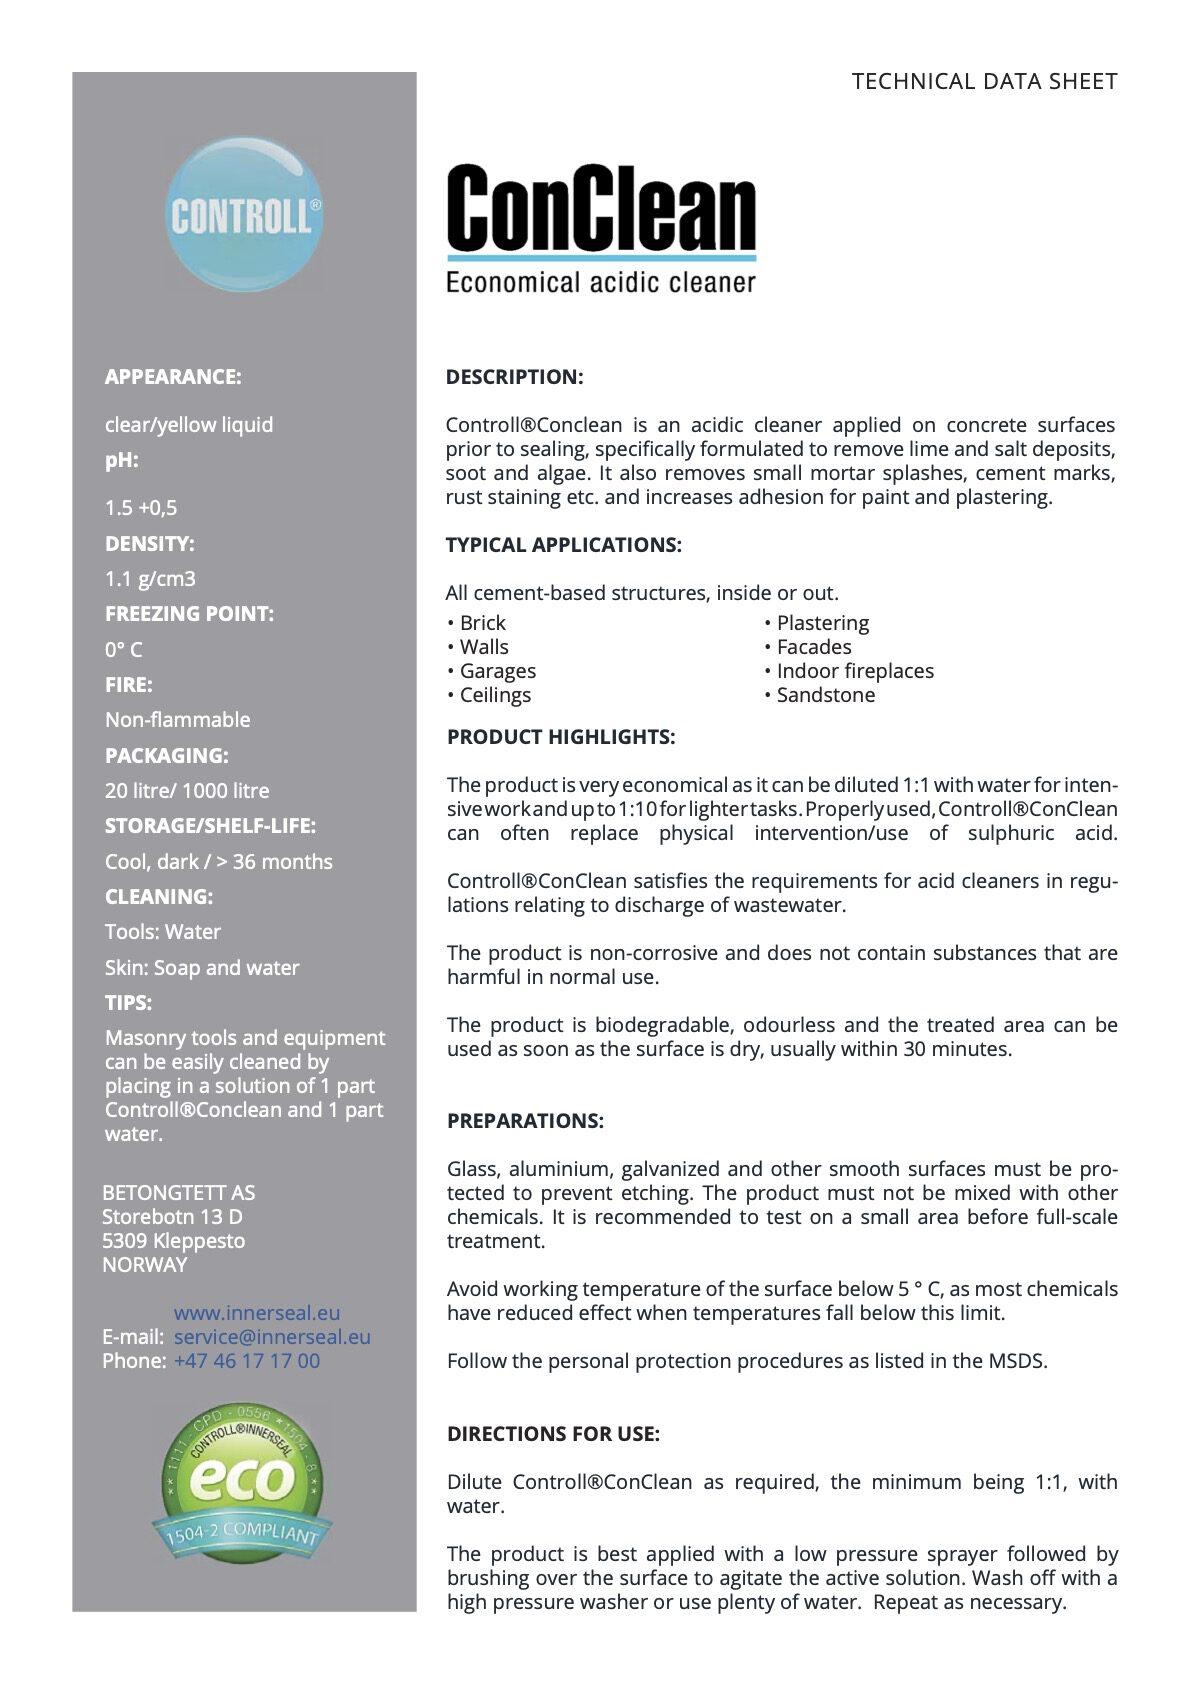 Conclean englisch technisches Merkblatt controll conclean partner SALP Construction Deutschland